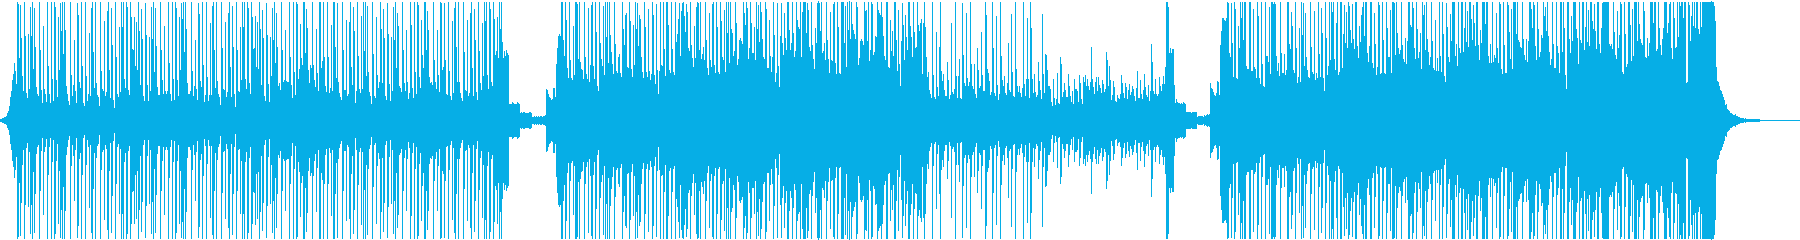 新世紀実験 神経質 テクノロジー ...の再生済みの波形